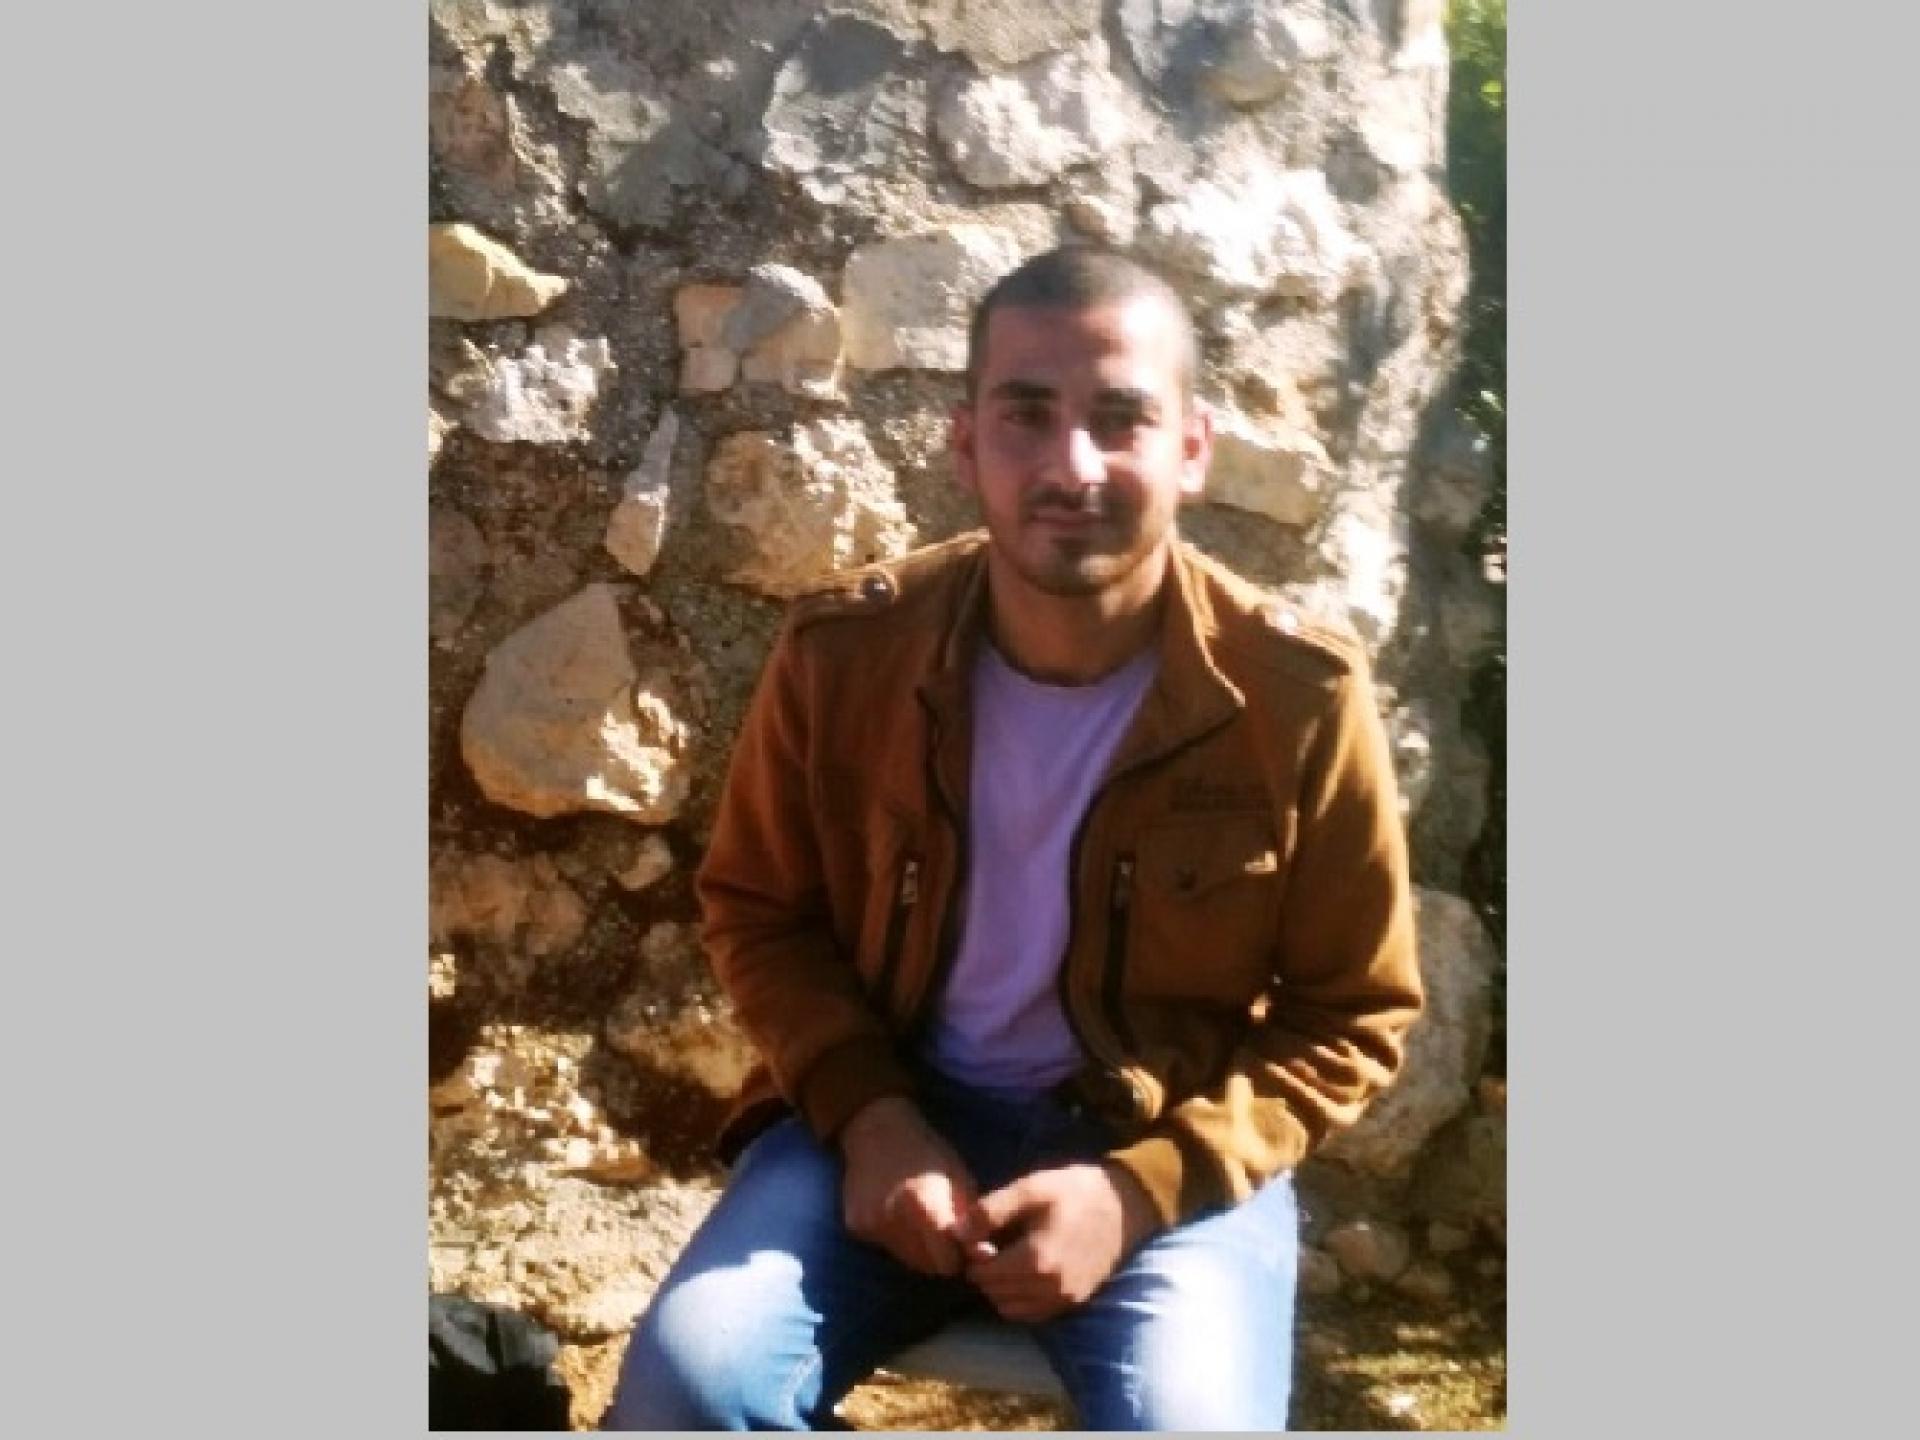 בקעת הירדן: הסטודנט ערף מקהילת יִרזה